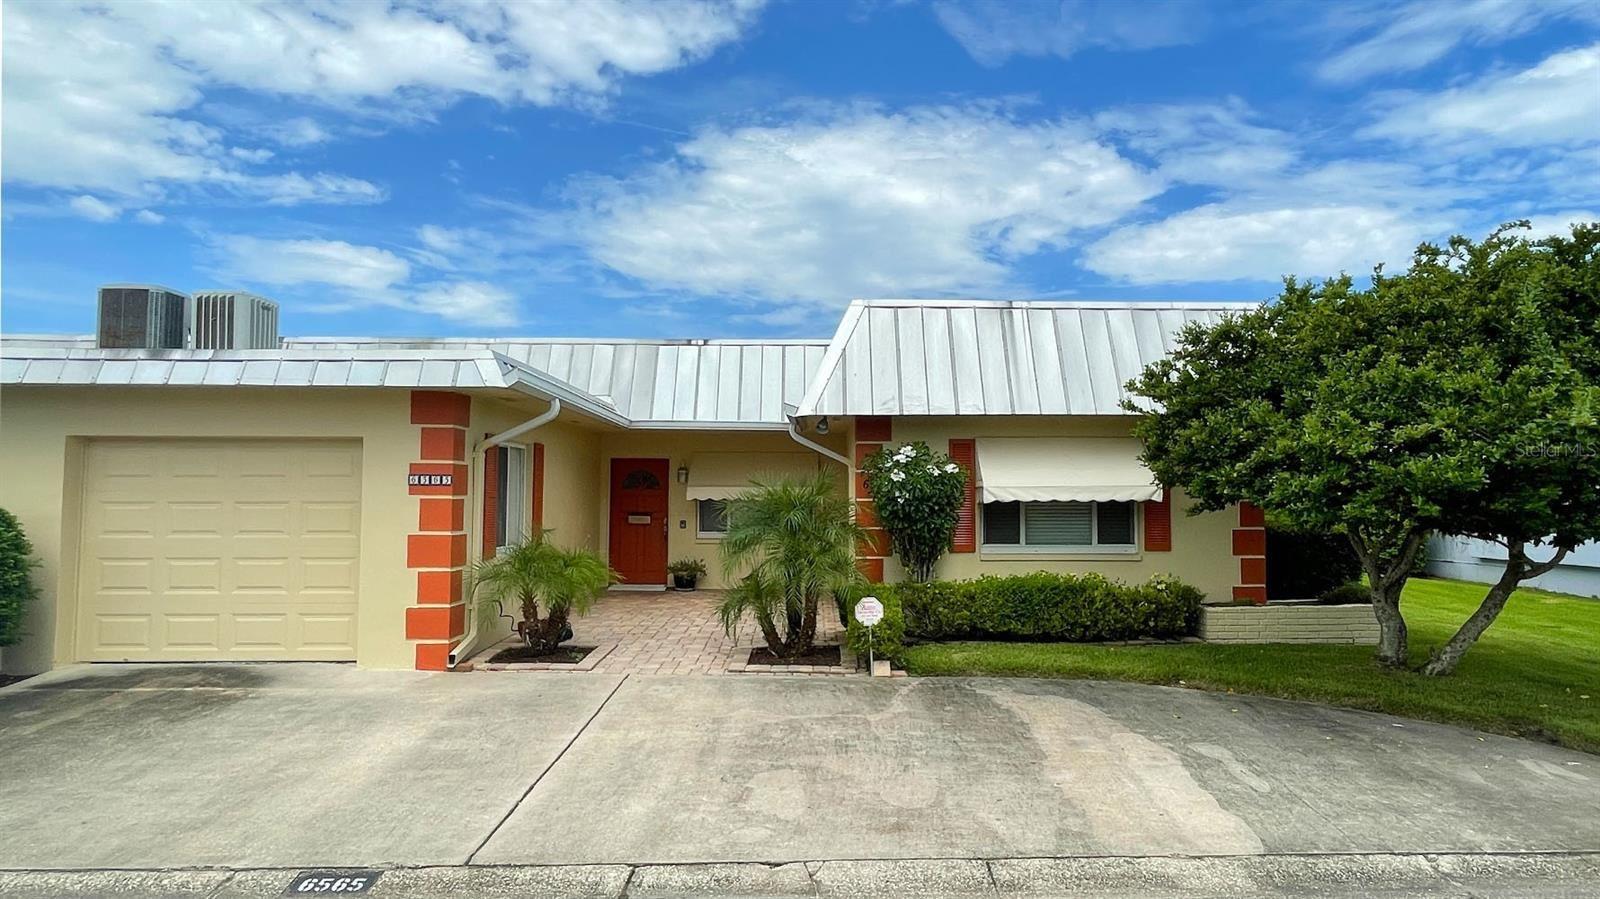 6565 GREEN VALLEY DRIVE #3, Seminole, FL 33777 - #: U8130481